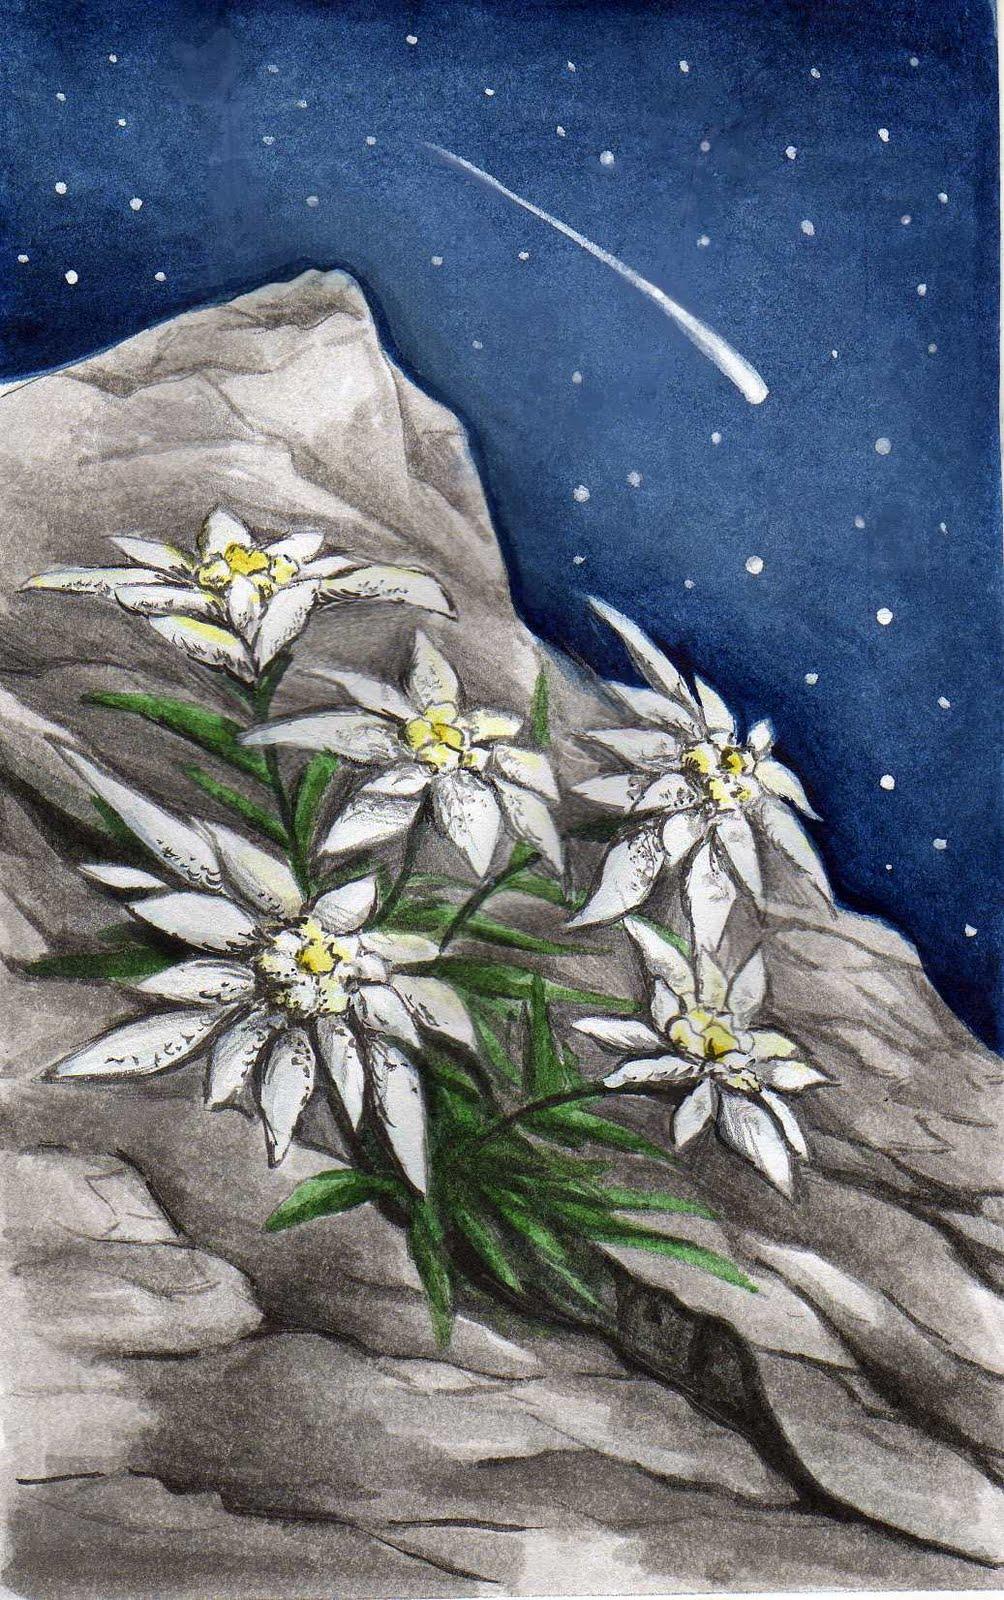 Favoloso La voce del Disegno: Illustrazione con stelle alpine OH27